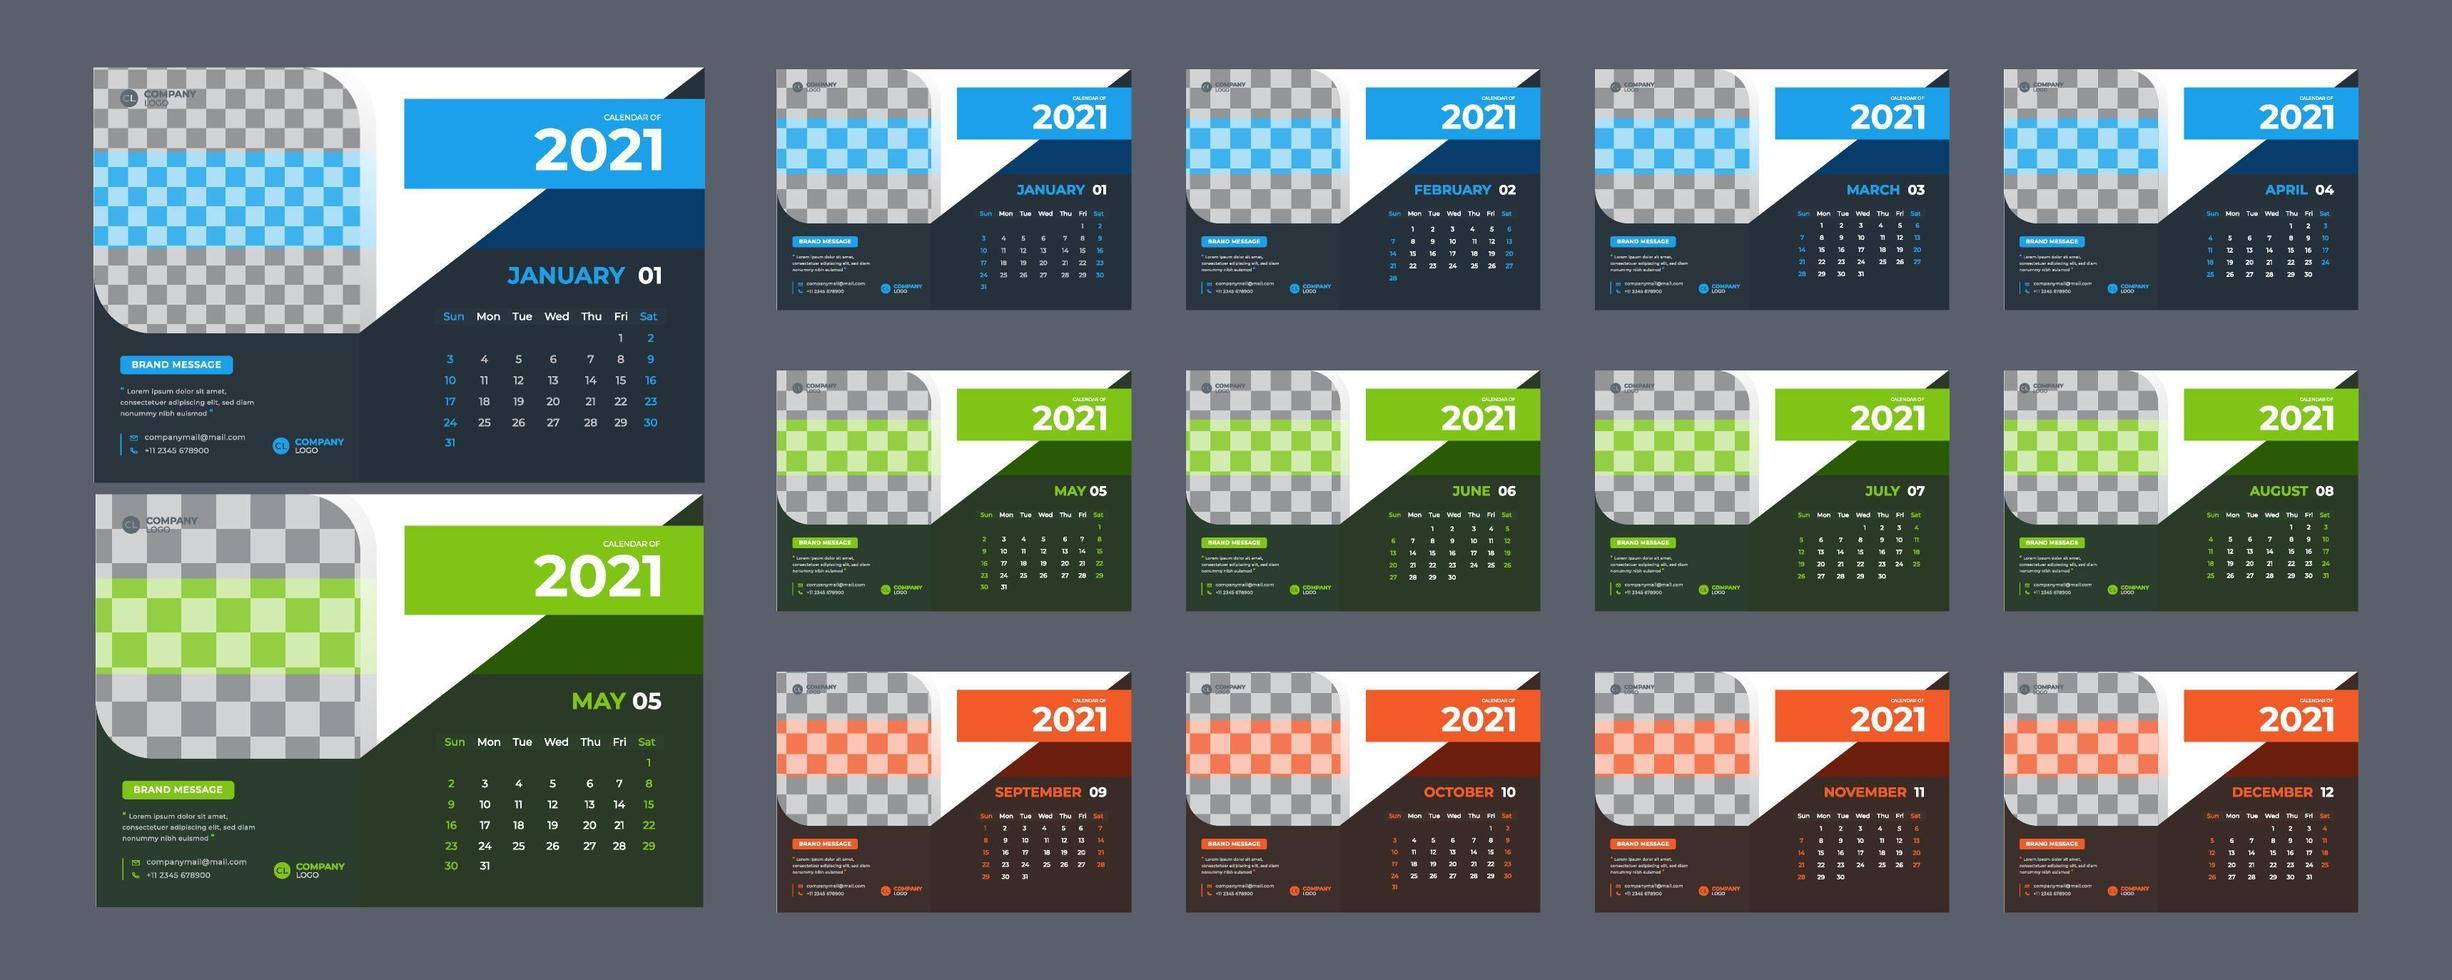 moderne 3-kleuren bureaukalender voor 2021 vector